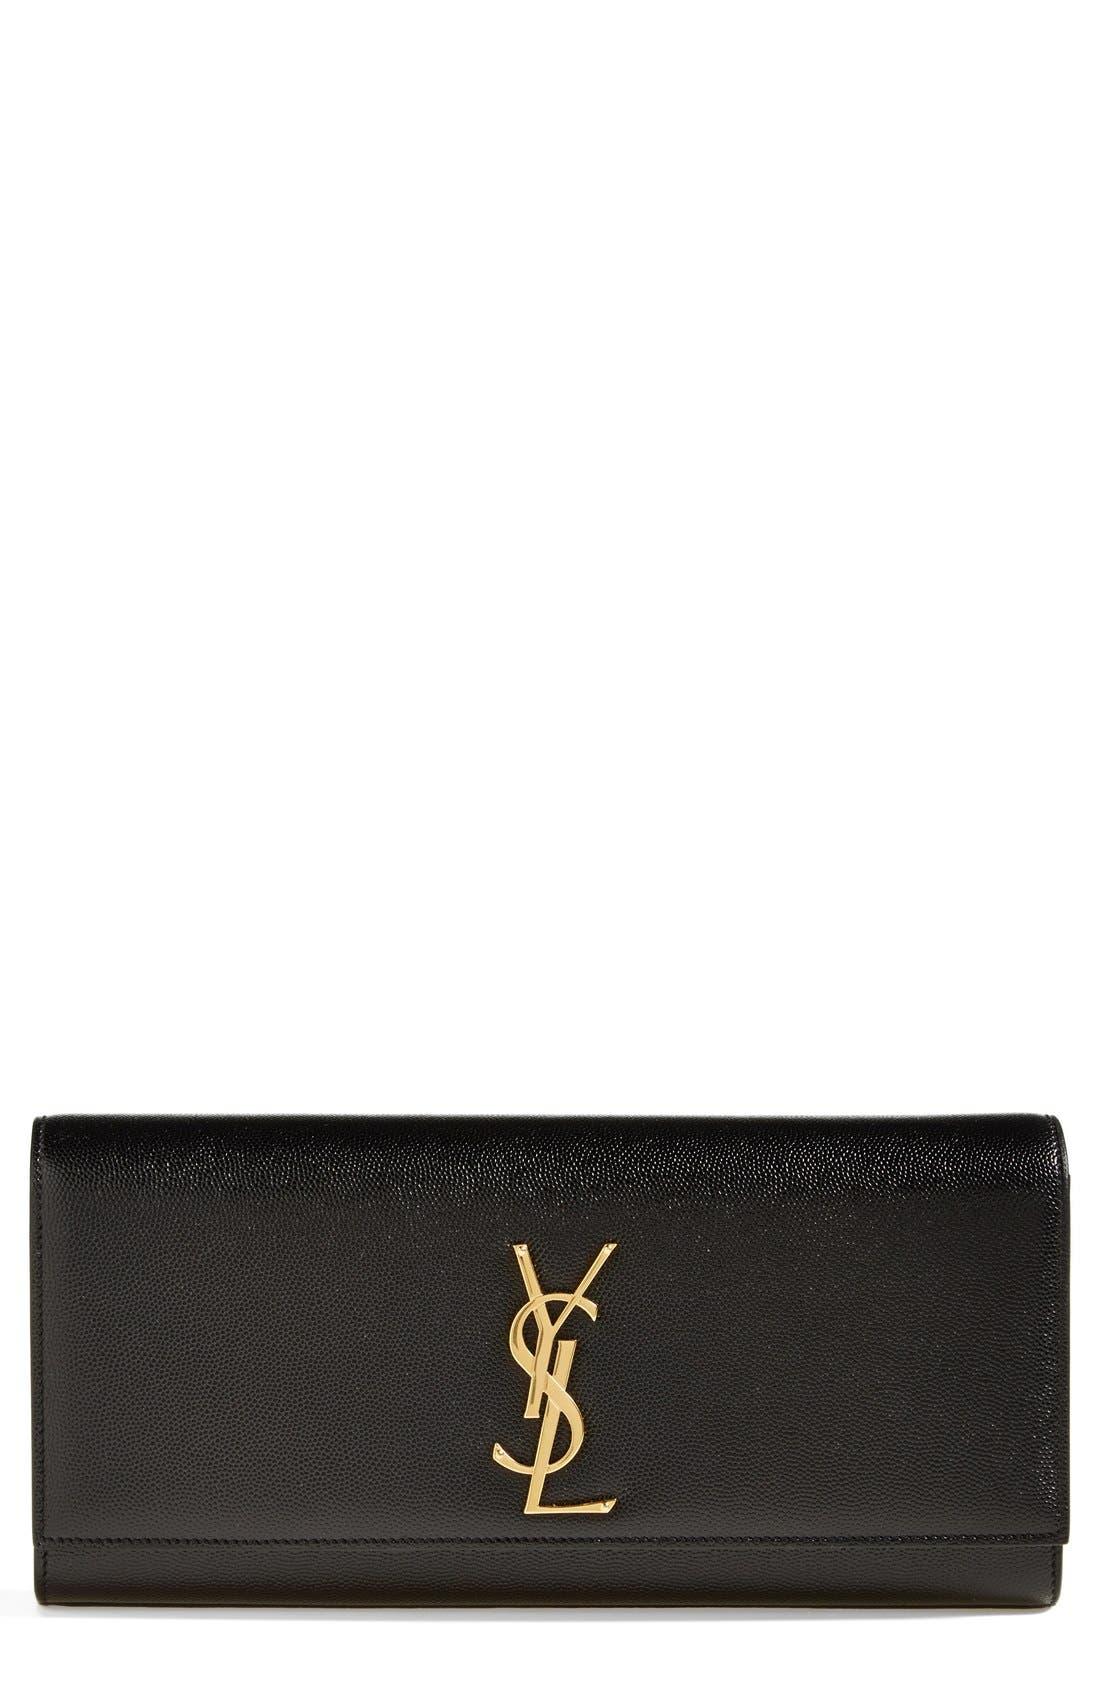 Main Image - Saint Laurent 'Monogram' Leather Clutch